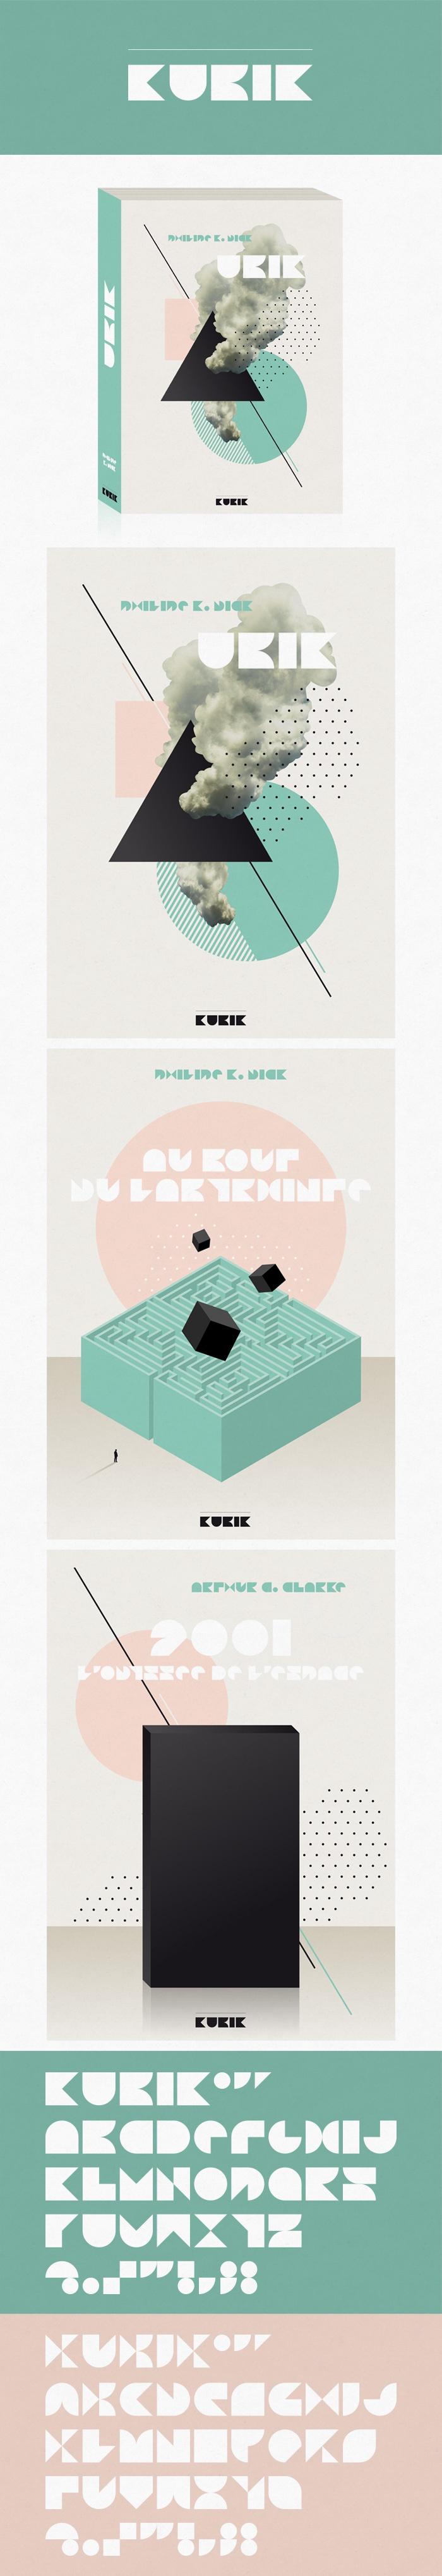 Client : KUBIK / Création d'un logo et d'illustrations pour la couverture de livres / Graphiste freelance, illustrateur, webdesigner